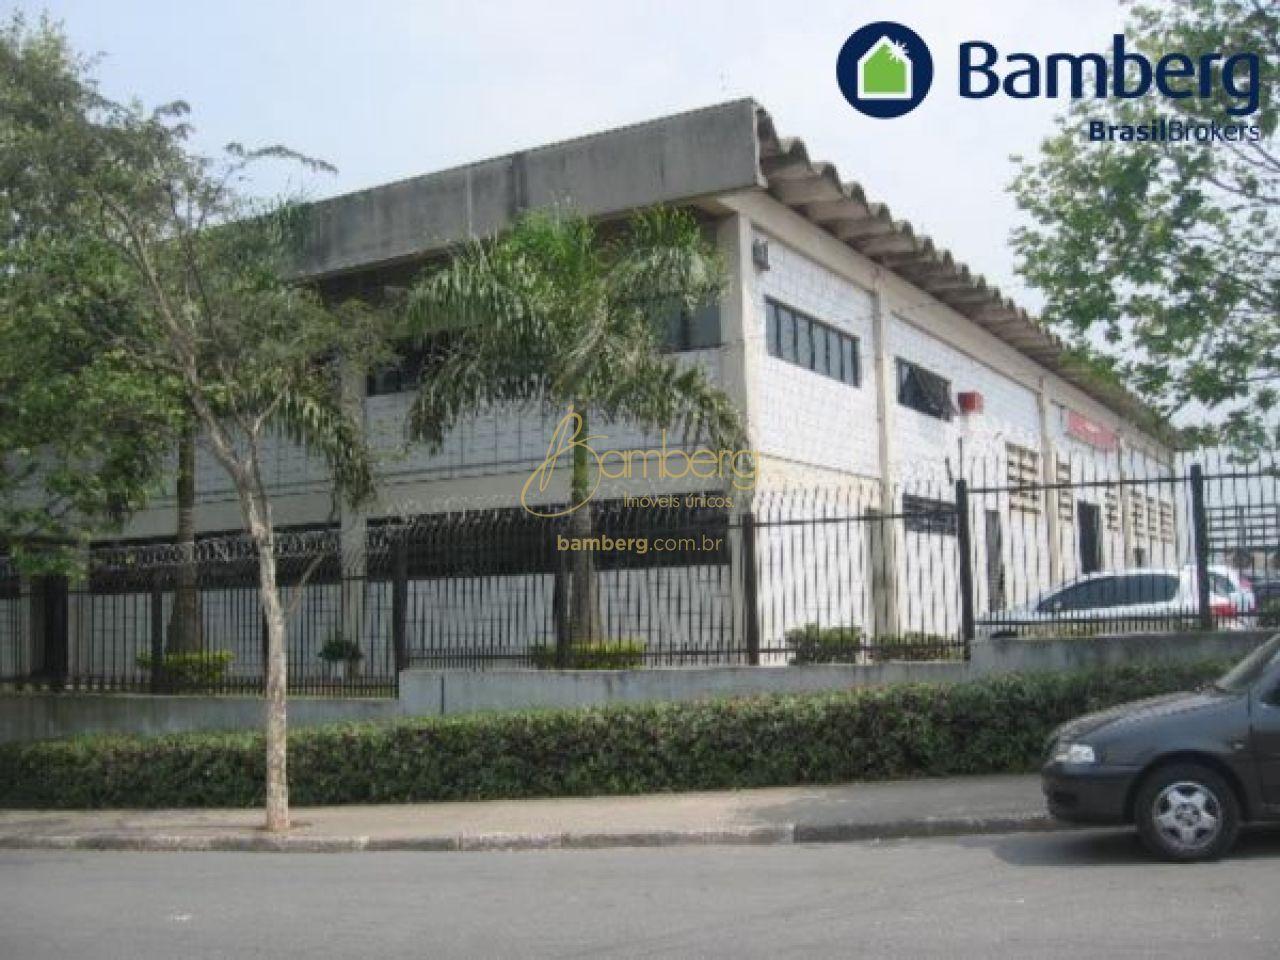 Galpão/depósito/armazém em Jardim Freitas Júnior, Taboão Da Serra - SP